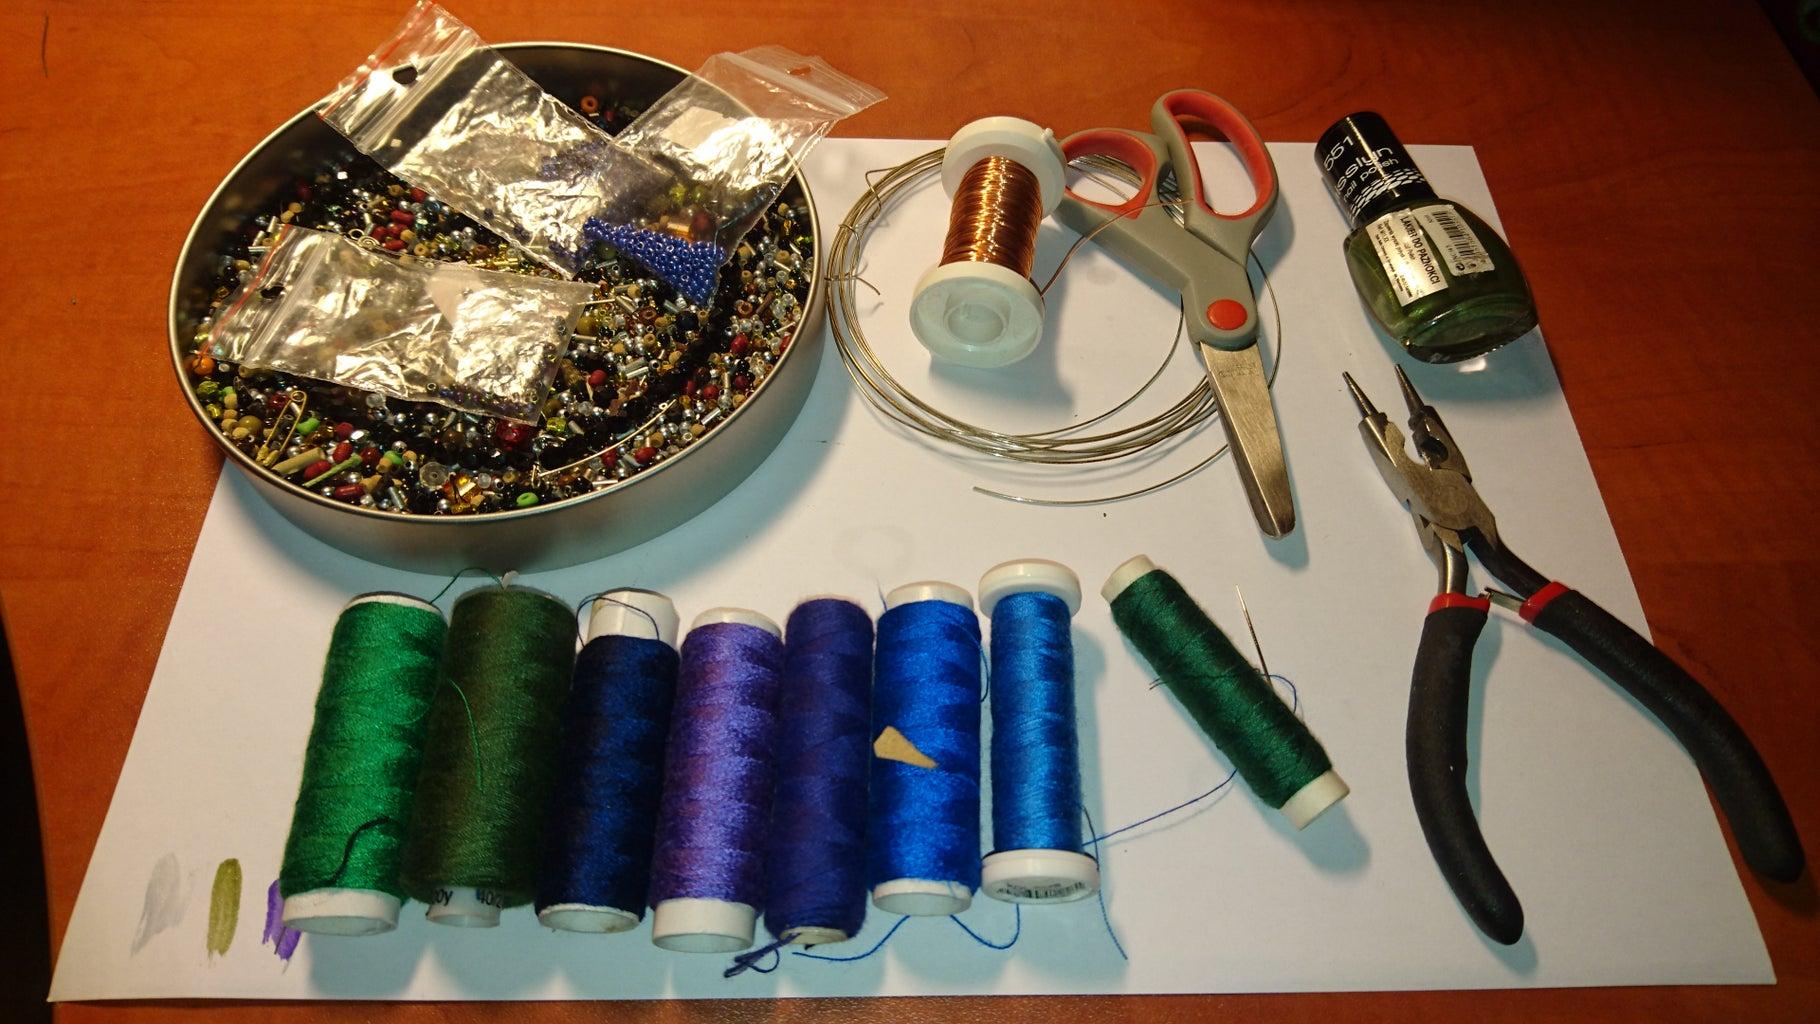 Tools & Materials: